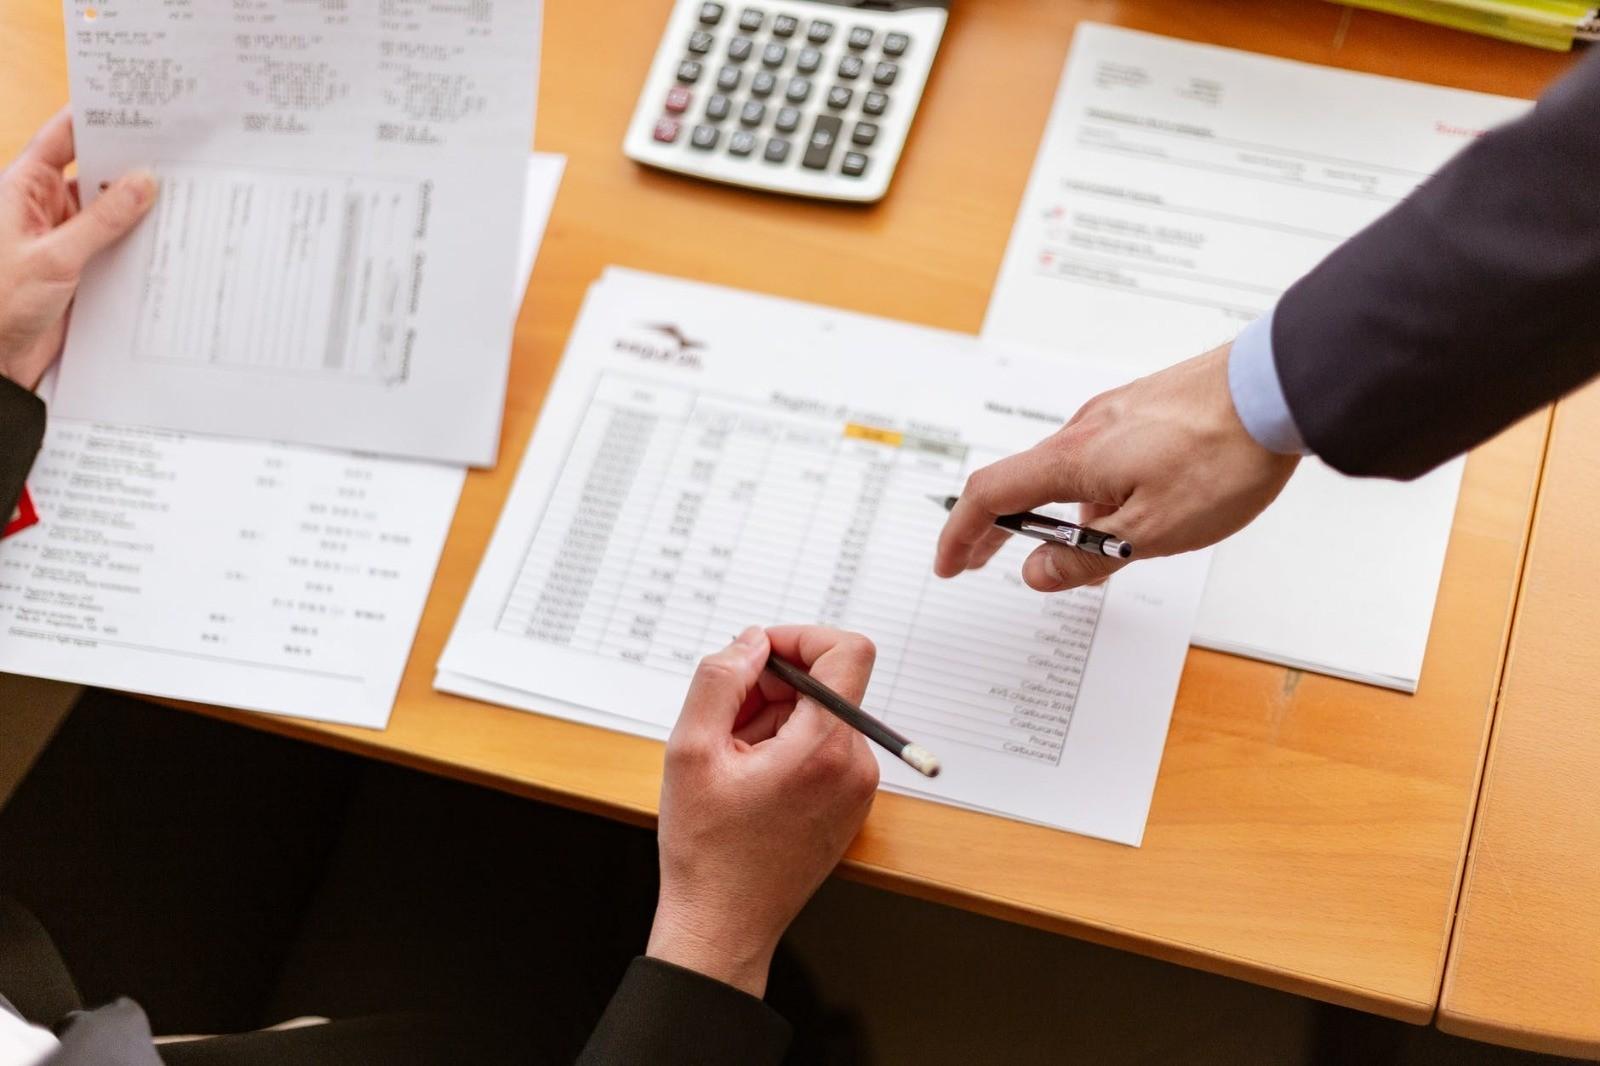 Studio Mamì - News - Credito d'imposta per l'acquisto o l'adattamento dei registratori fiscali